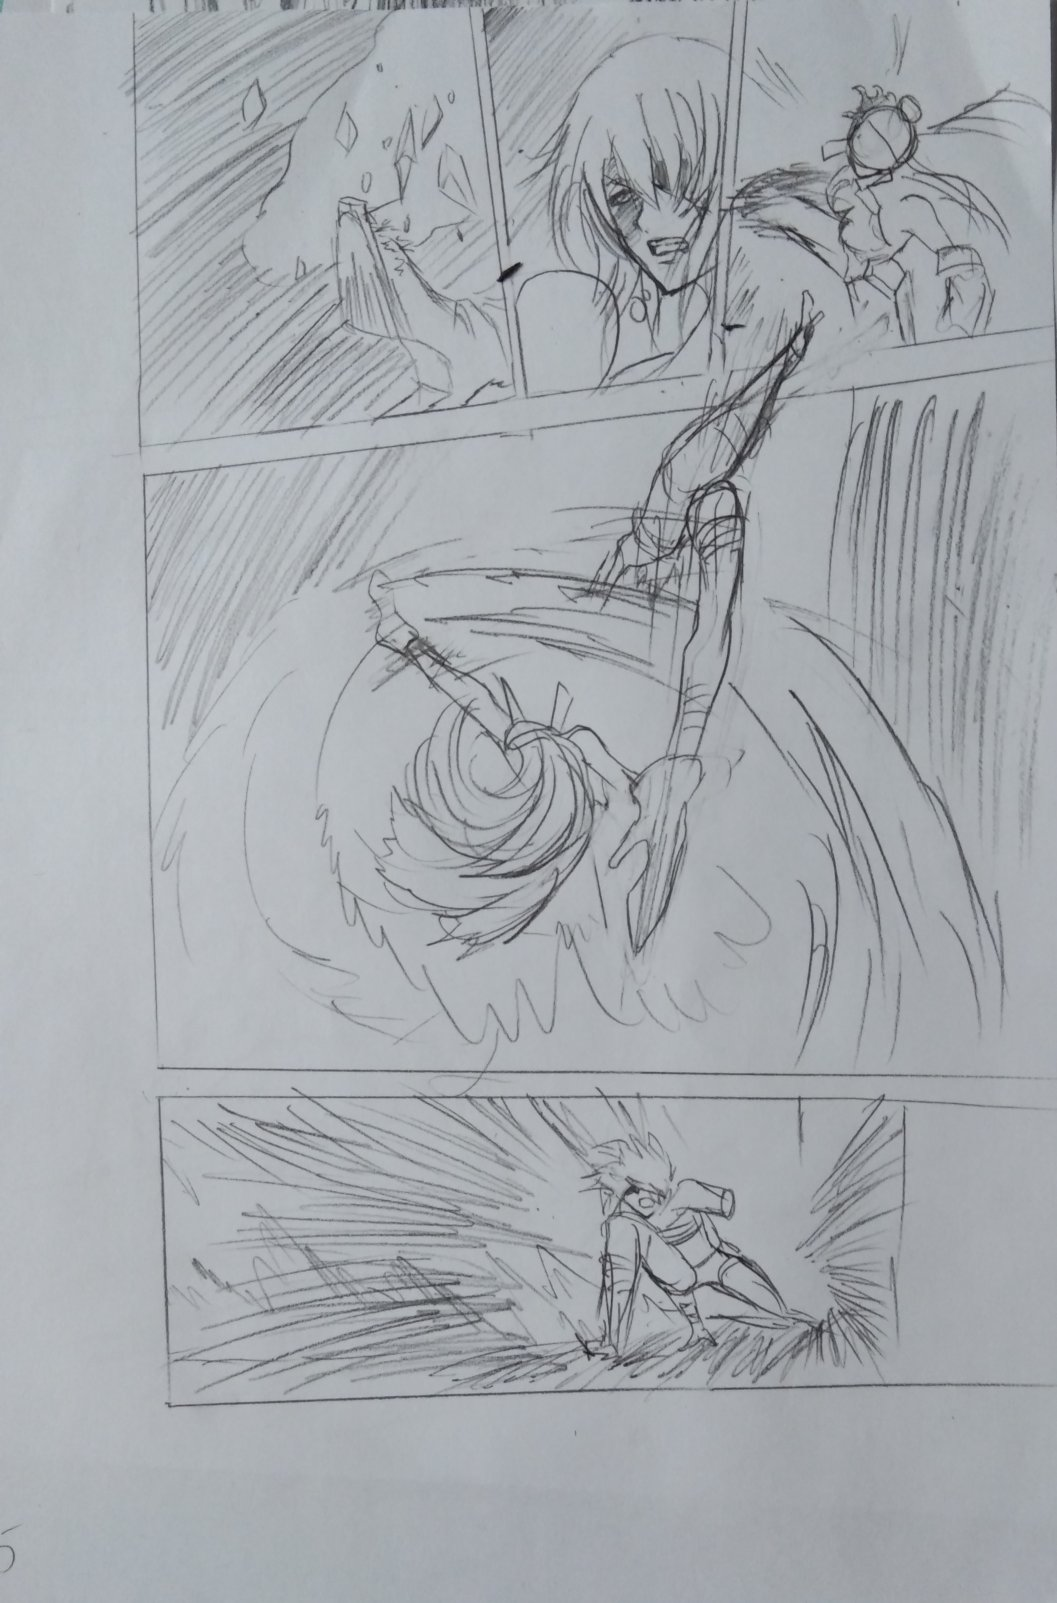 【手绘】分镜练习1,男主穿越异世界开挂的漫画